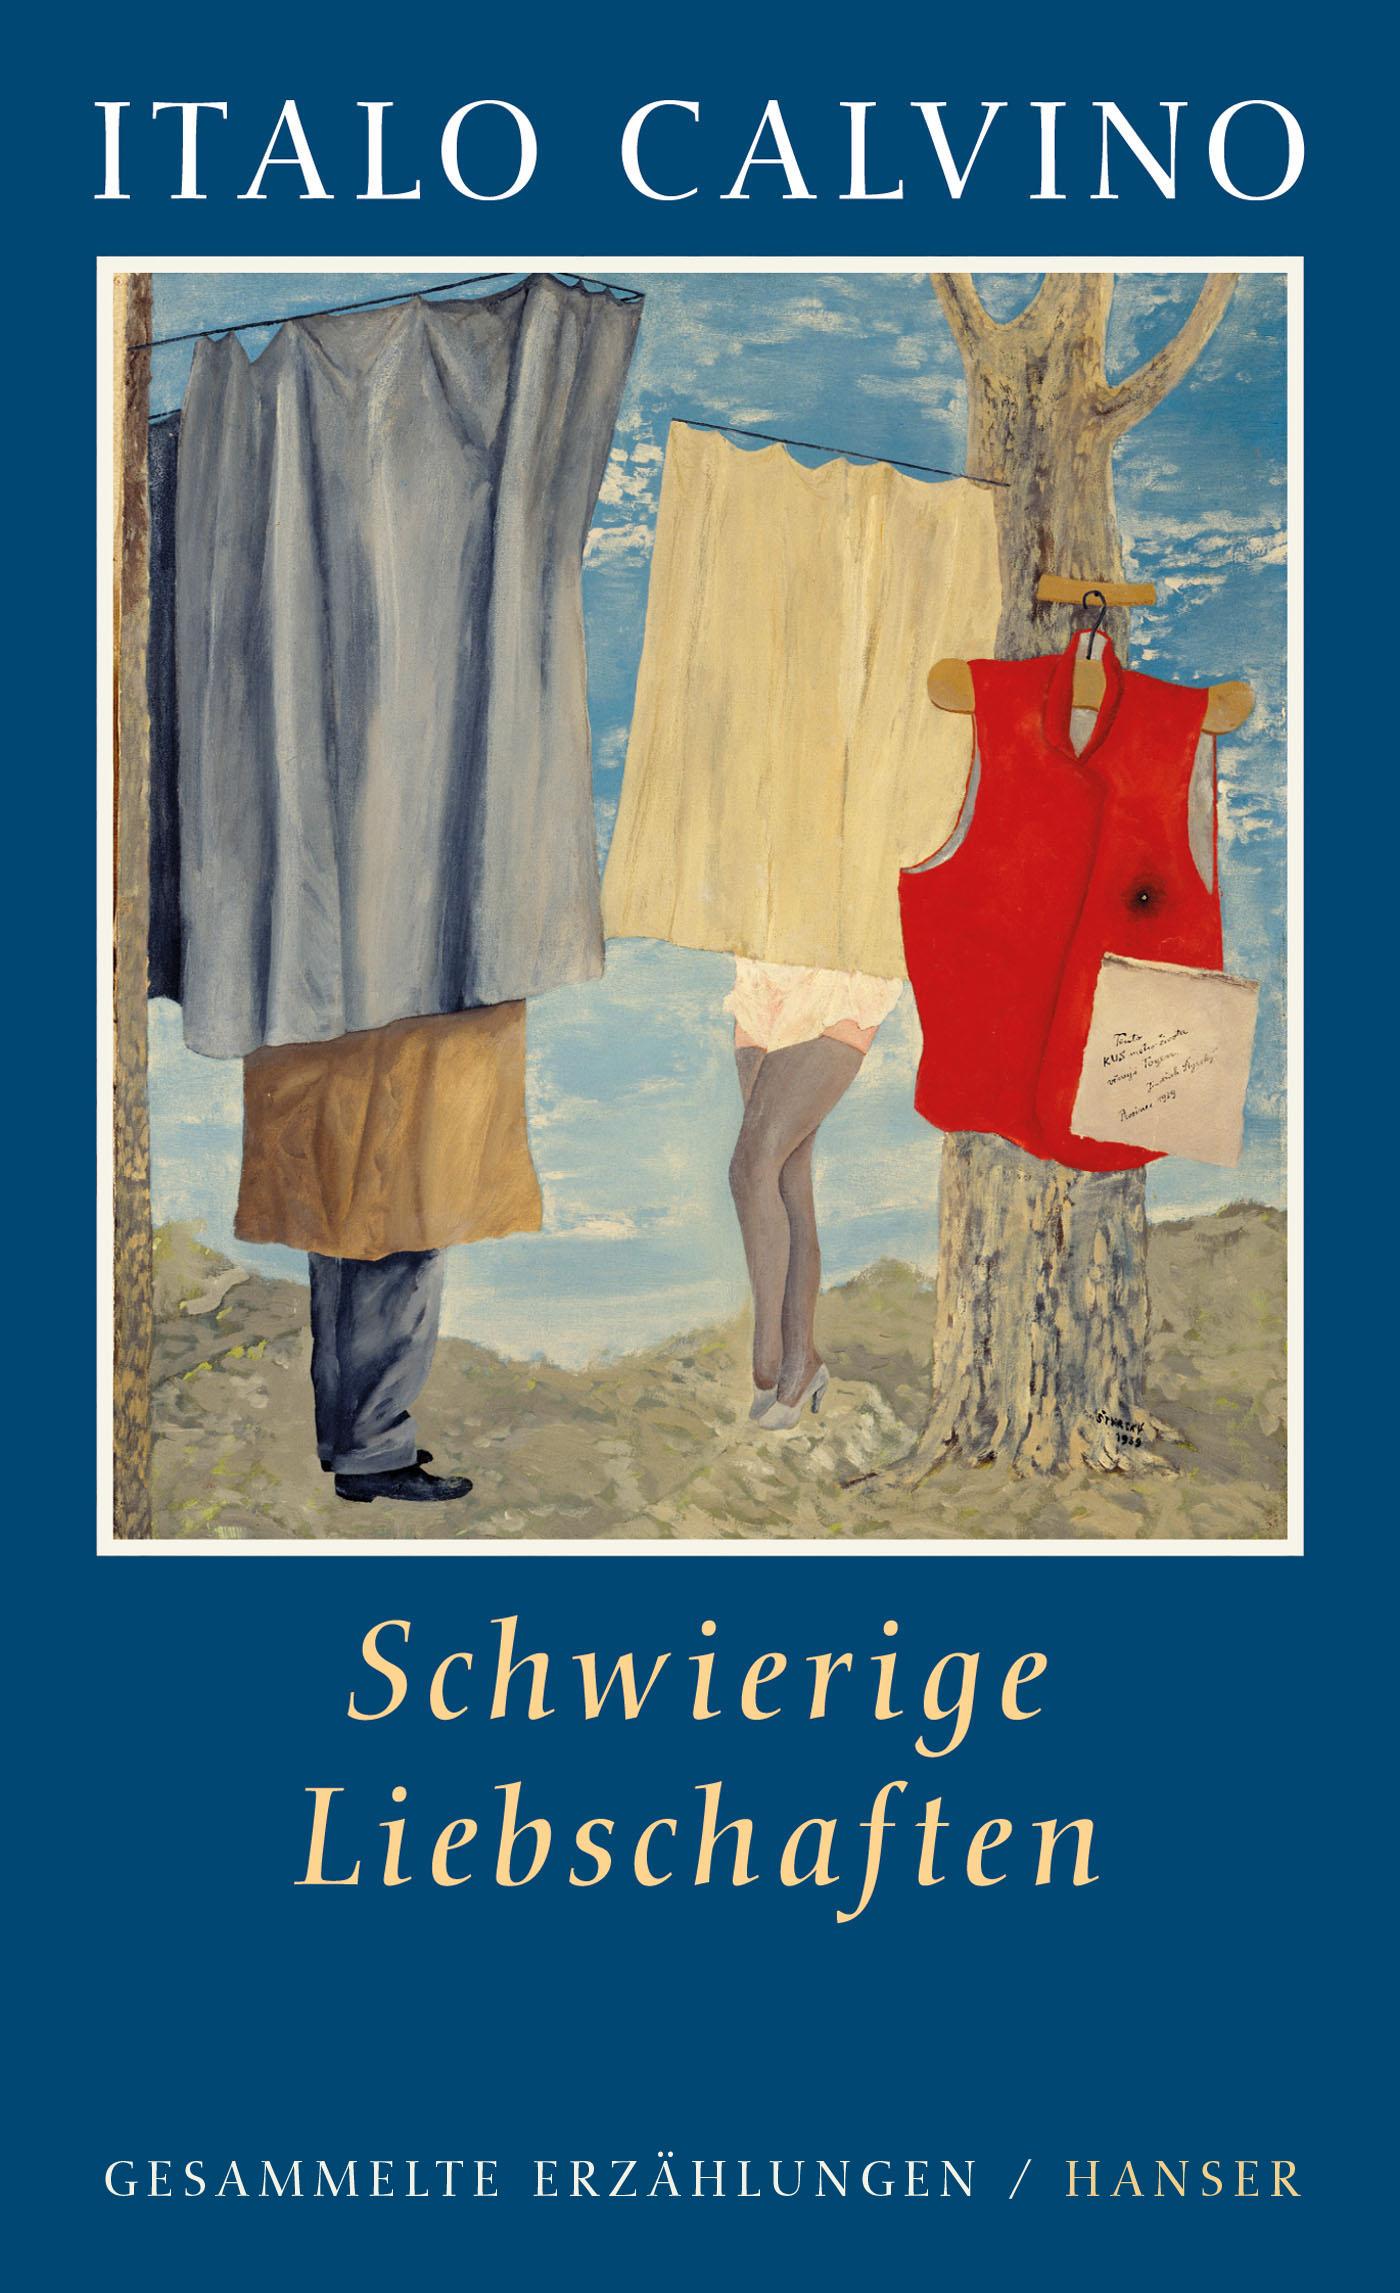 Schwierige Liebschaften: Gesammelte Erzählungen - Italo Calvino